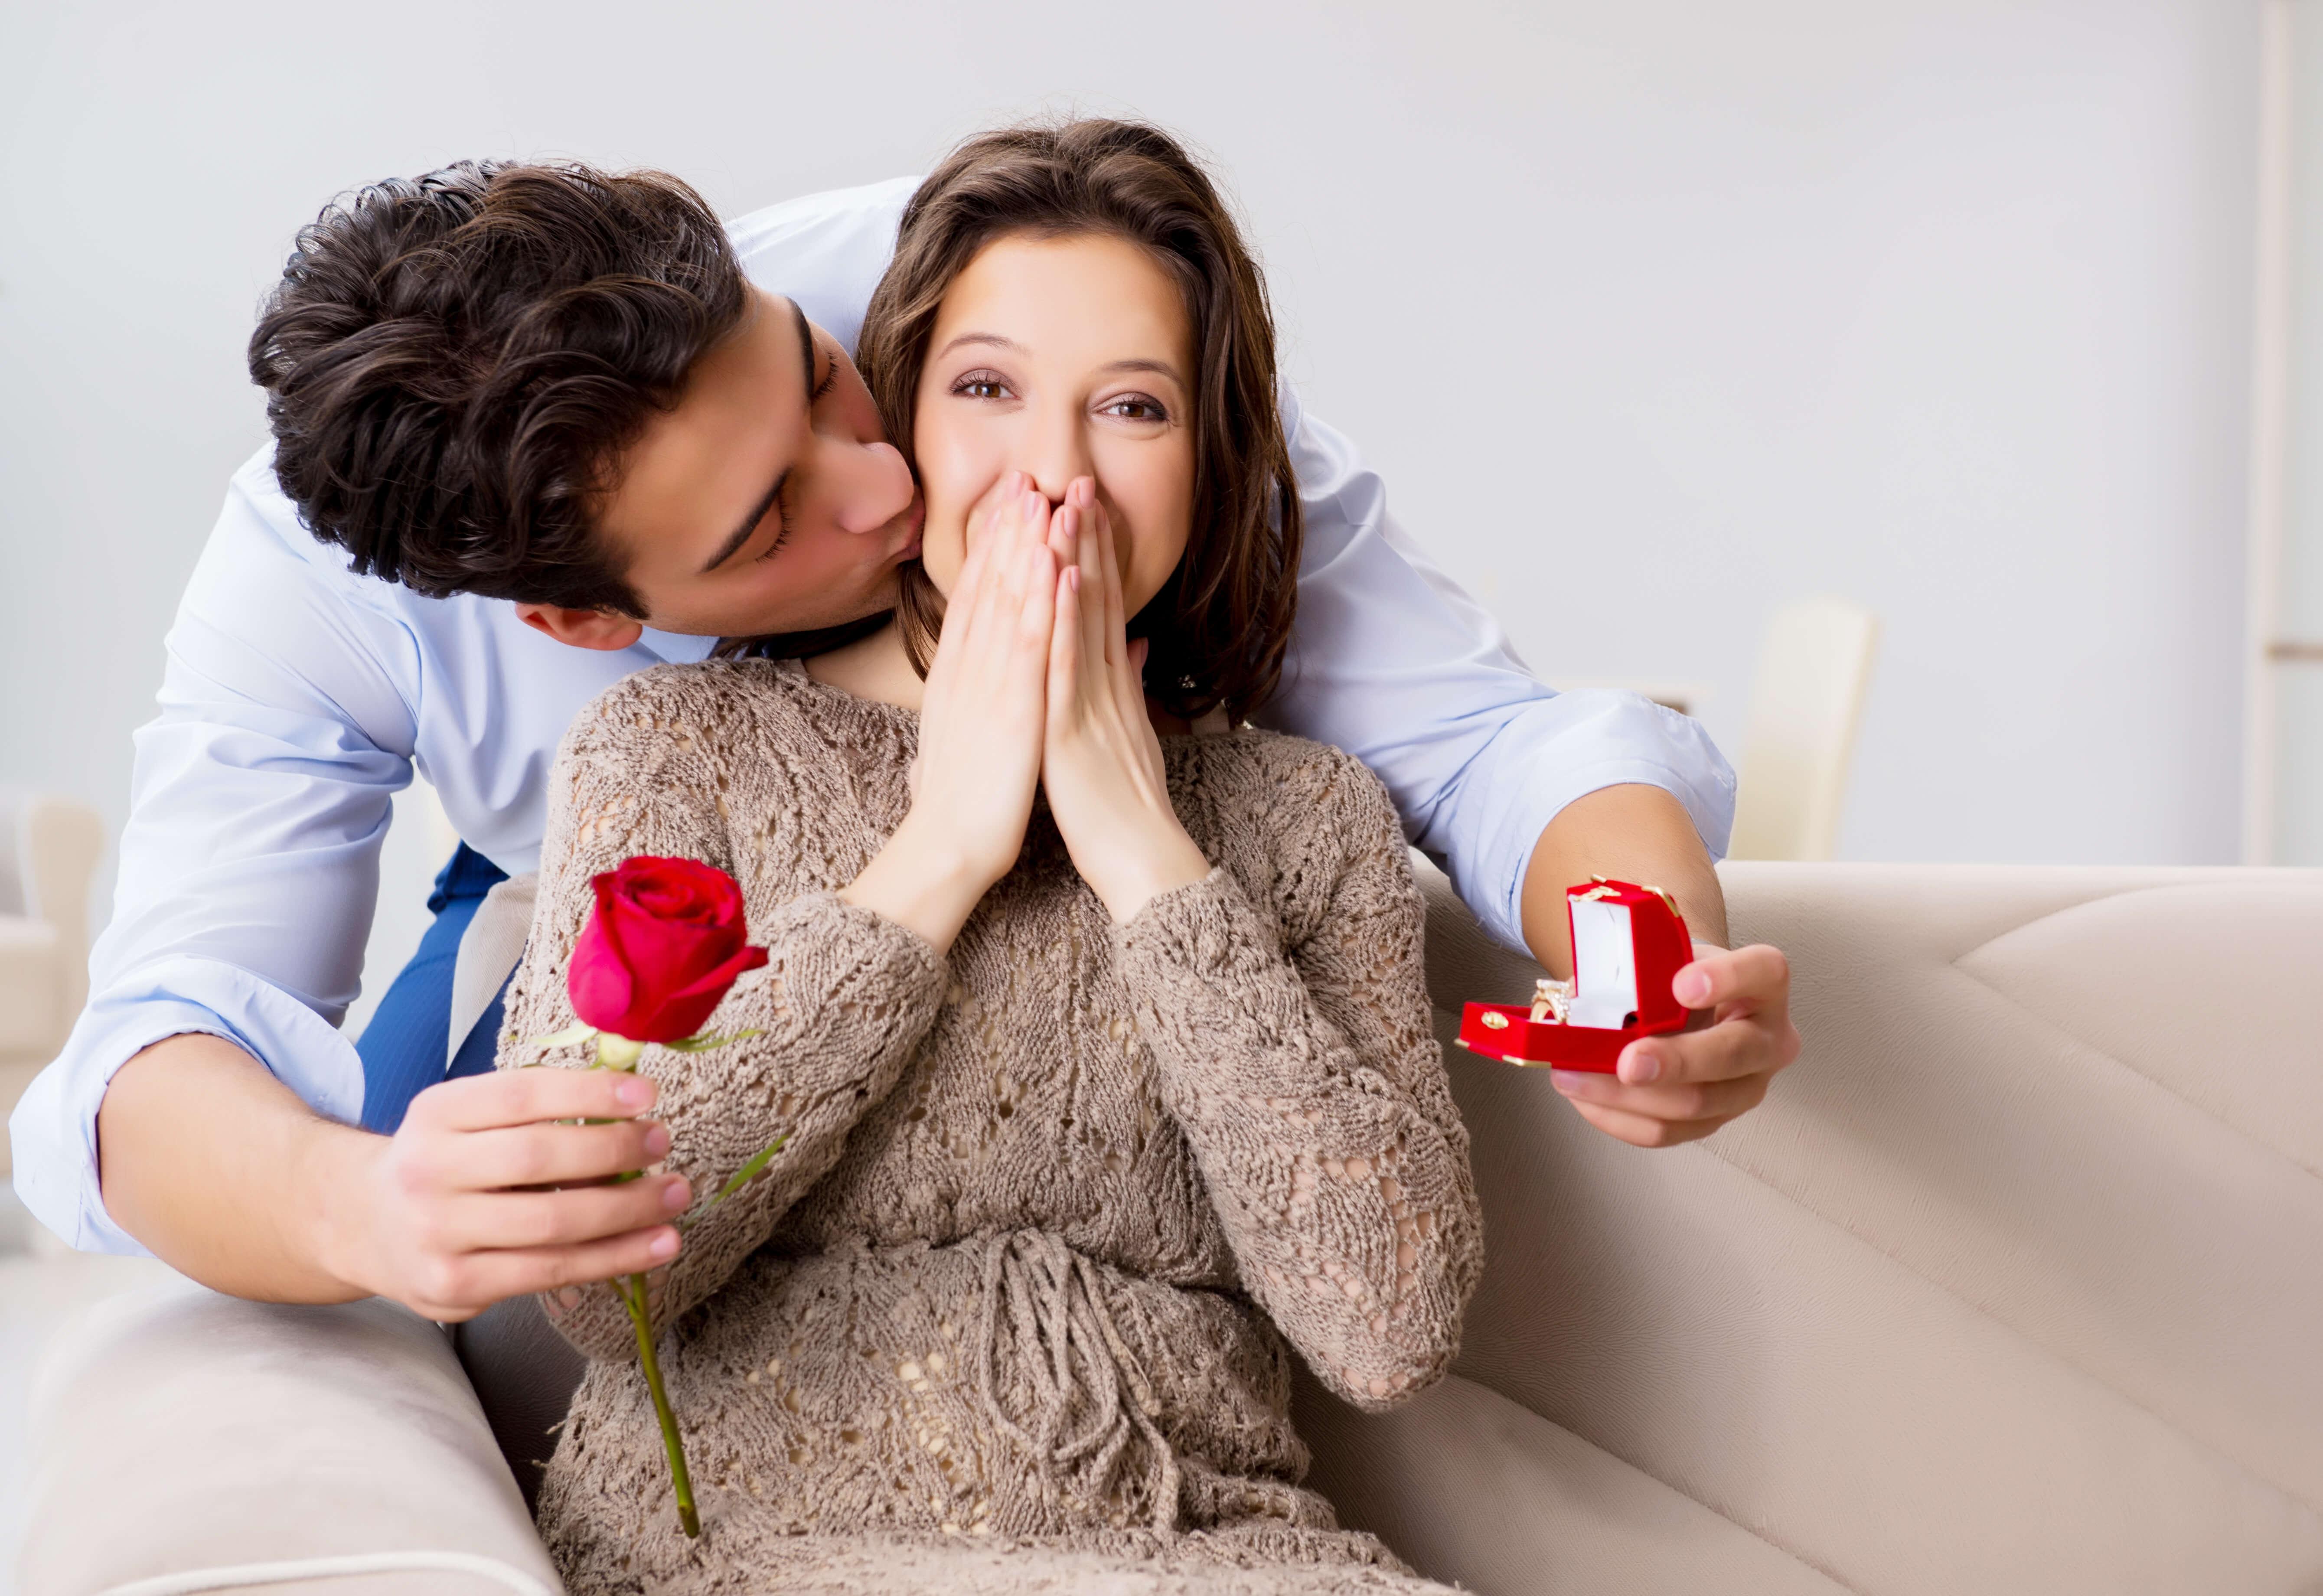 Проверенные женские хитрости при общении с мужчинами: эффективные приемы нлп